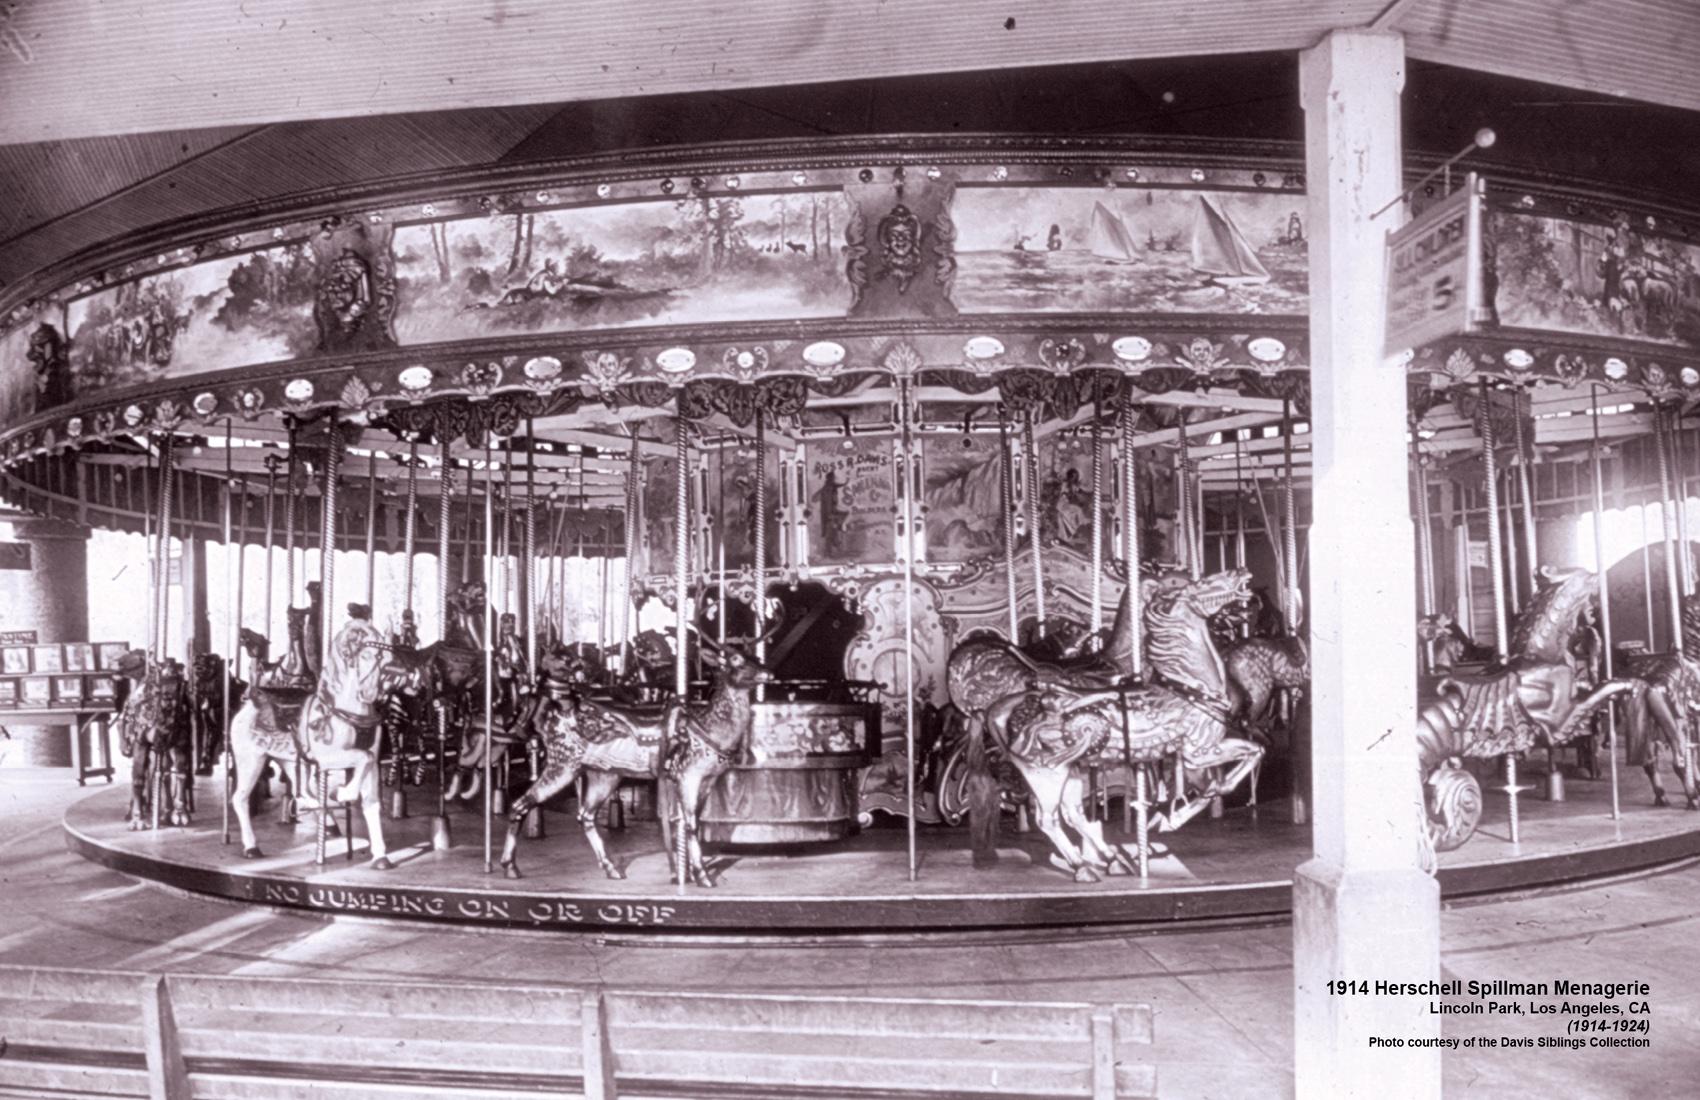 1914-Herschell-Spillman-Lincoln-Park-carousel-Los-Angeles-CNT-center-FEB-08